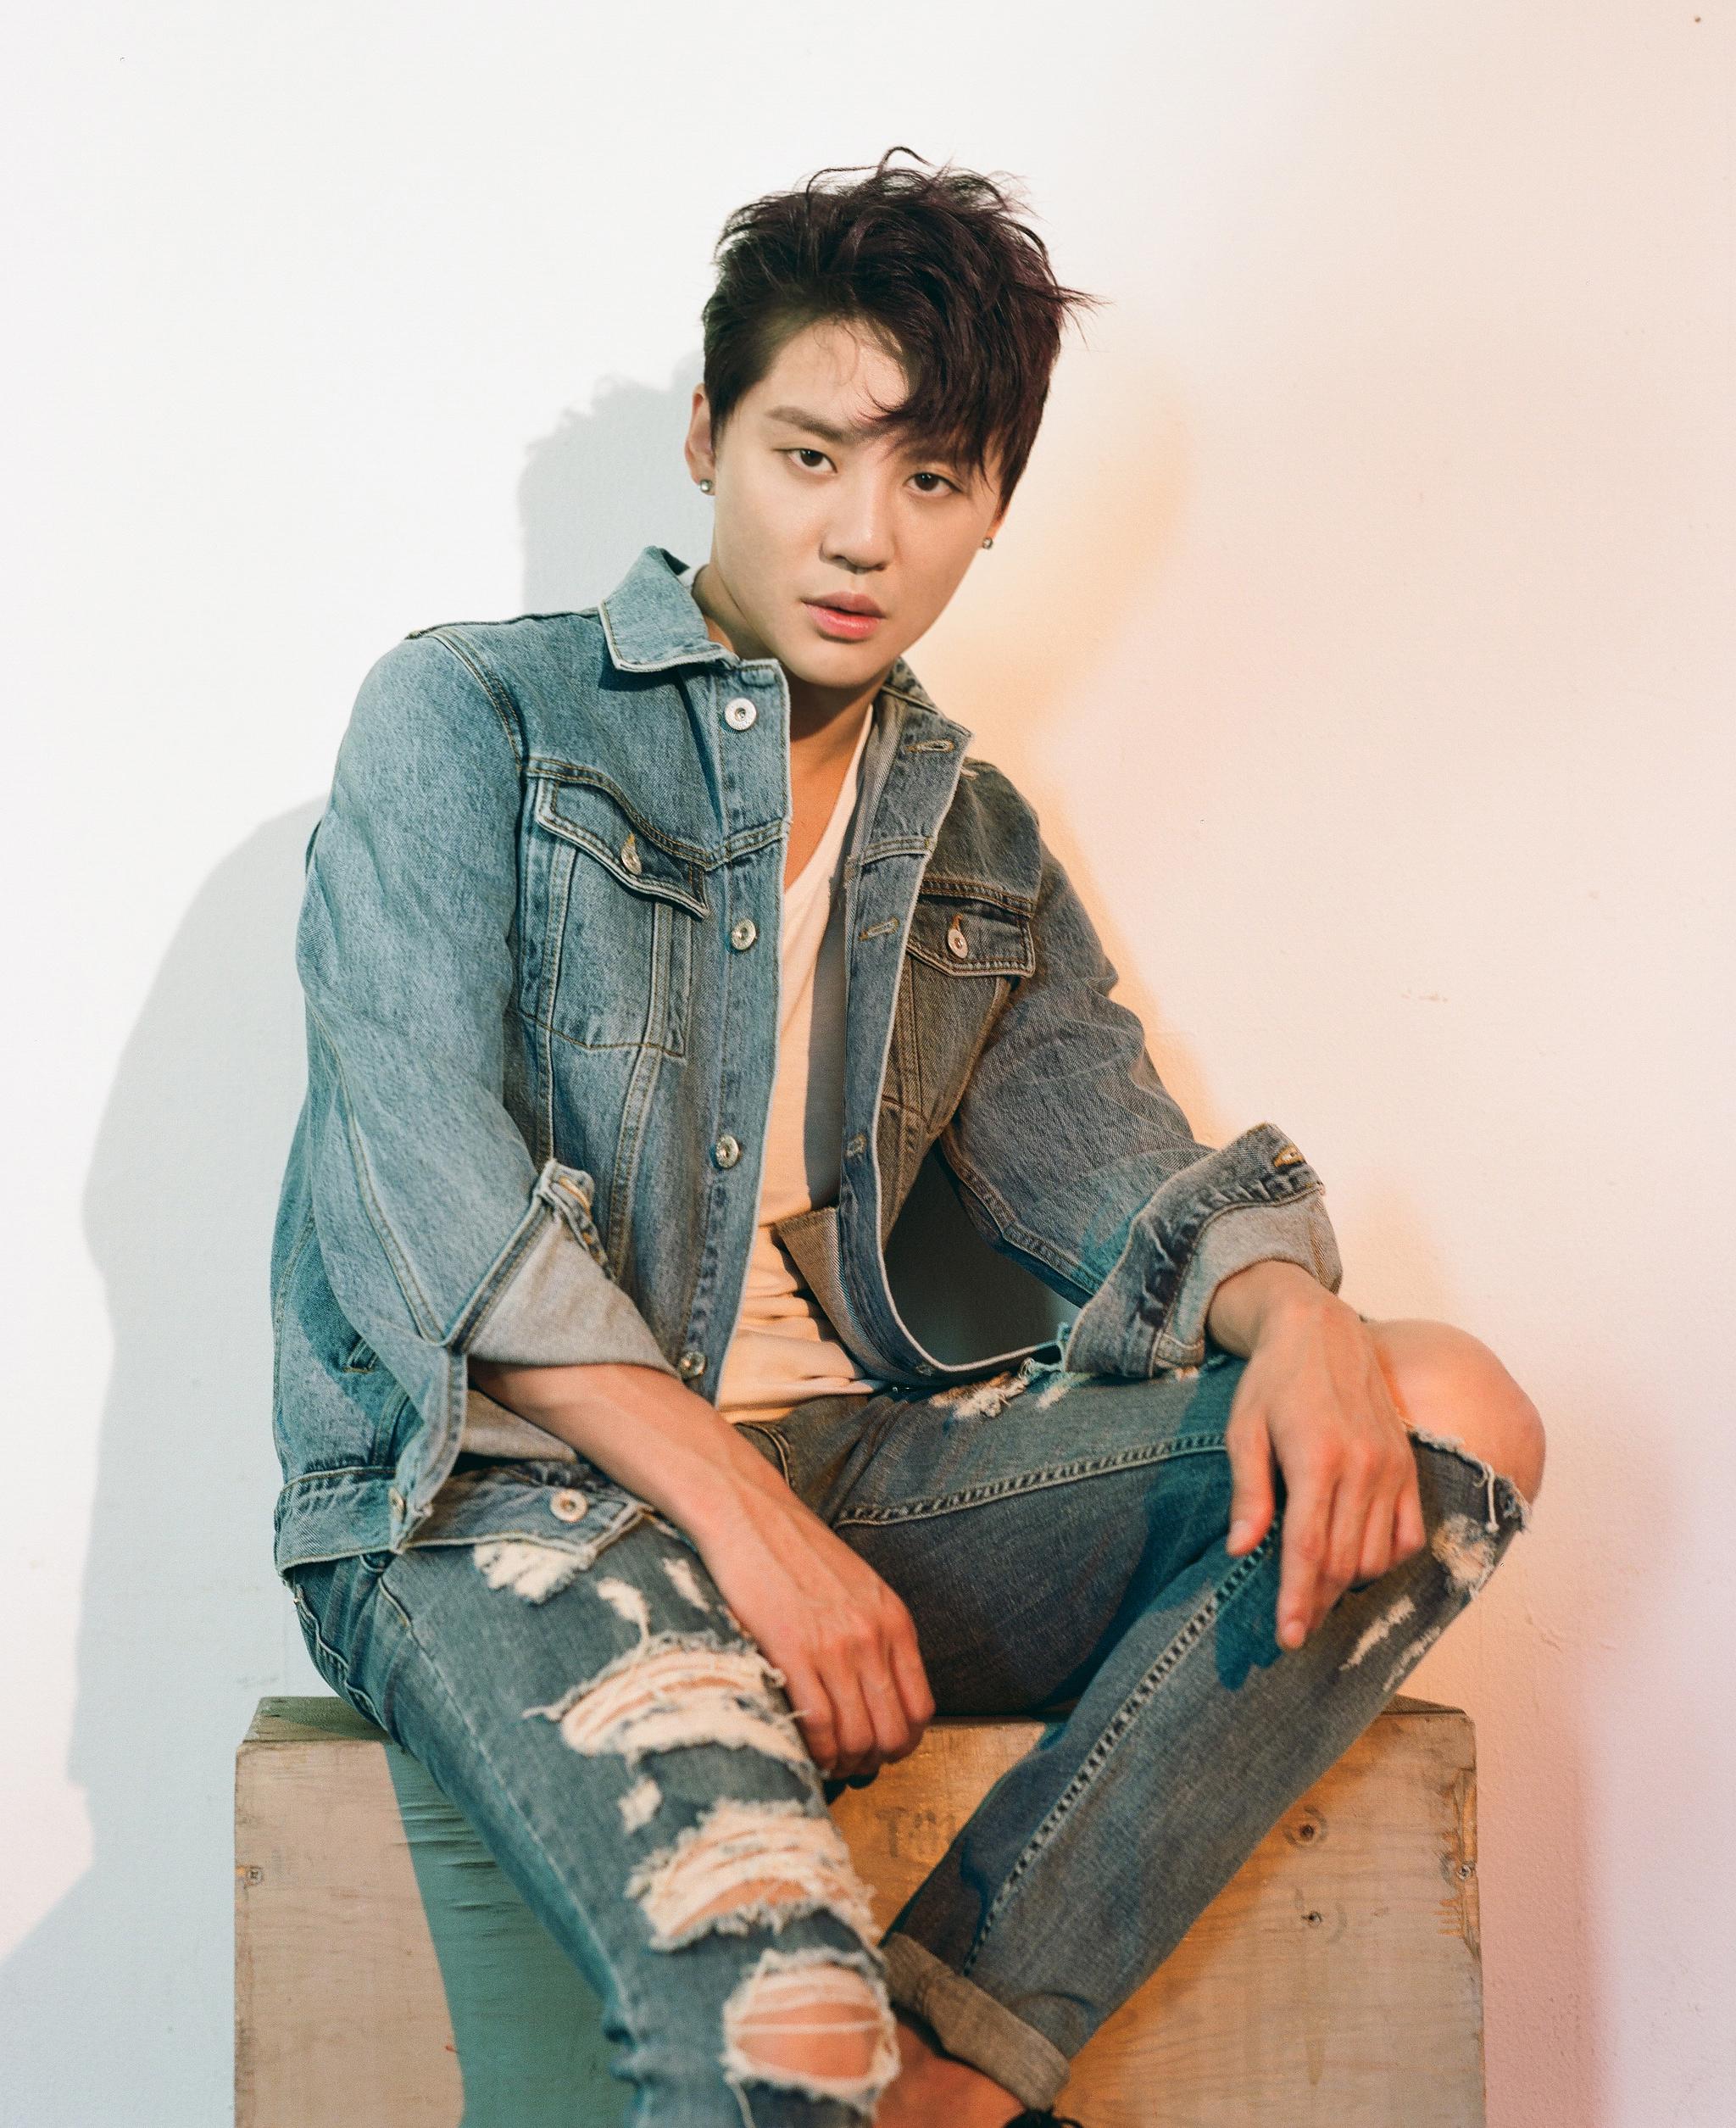 恩哼~沒錯!正是10月19日攜最新迷你專輯《就像昨天》回歸樂壇的JYJ魅力主唱XIA俊秀!